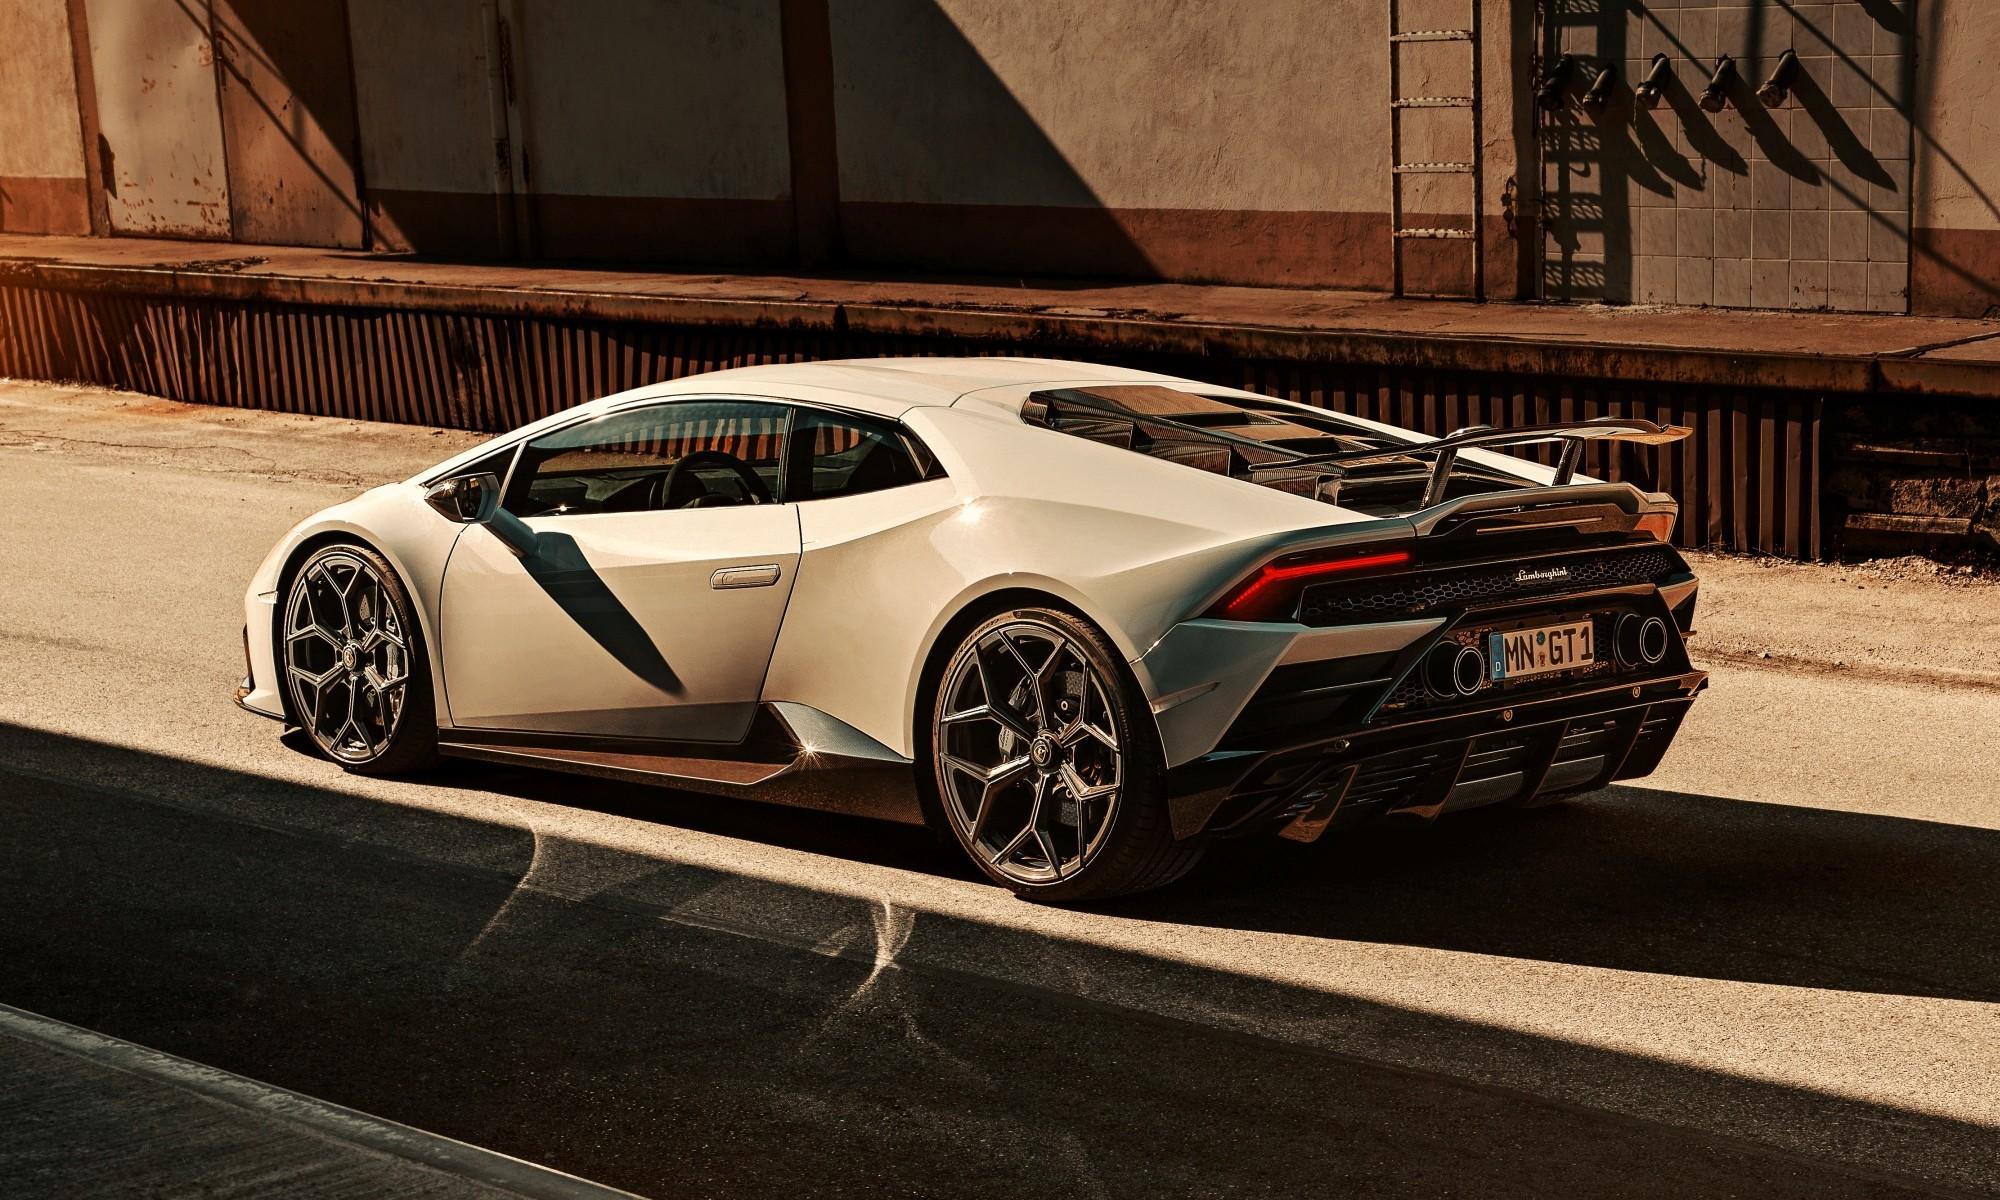 Novitec Lamborghini Huracan Evo rear